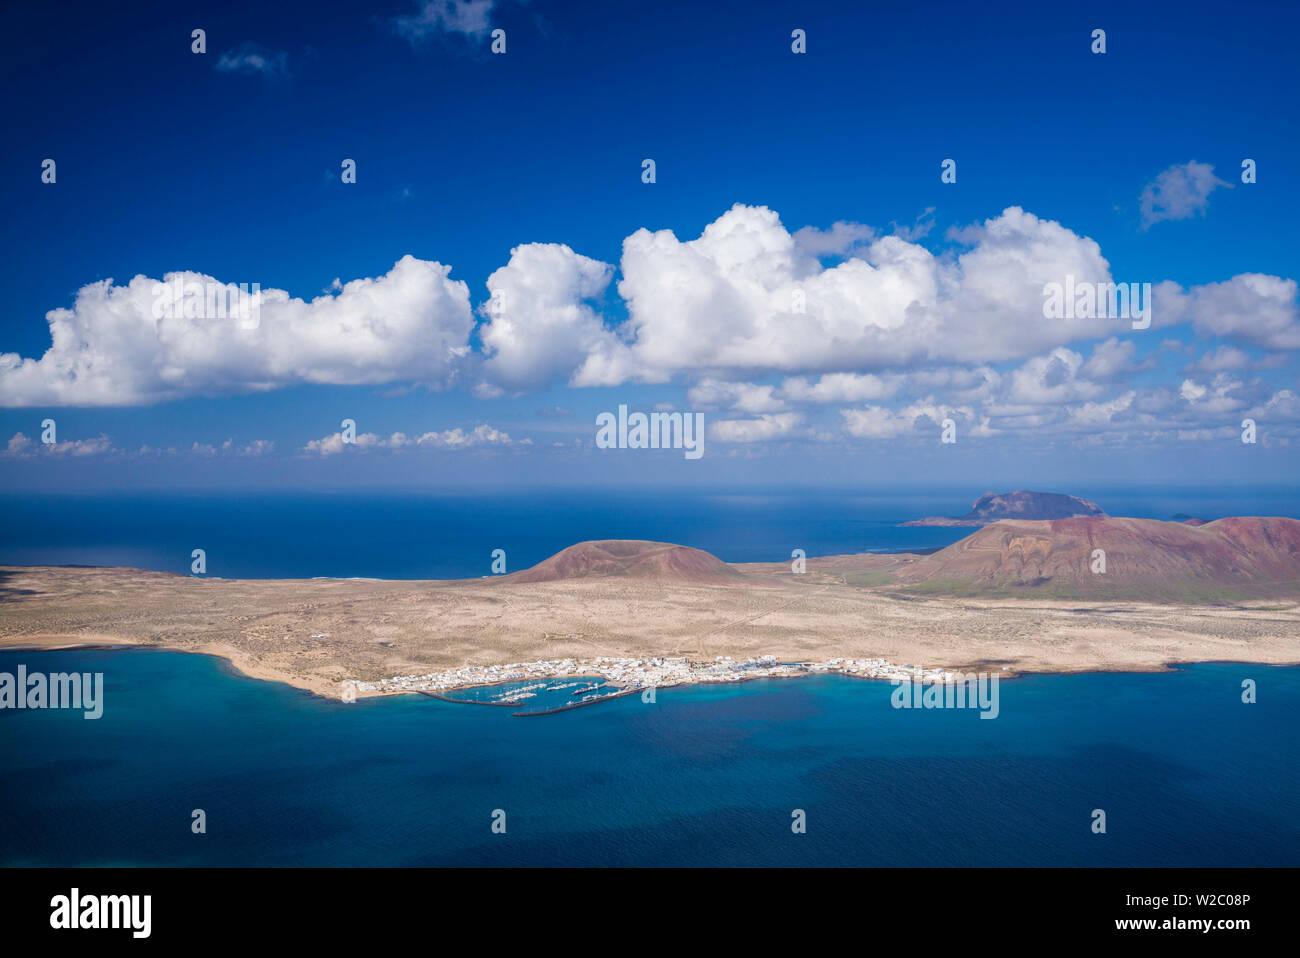 Spanien, Kanarische Inseln, Lanzarote, Ye, erhöhte Ansicht über Isla Graciosa Insel Stockbild